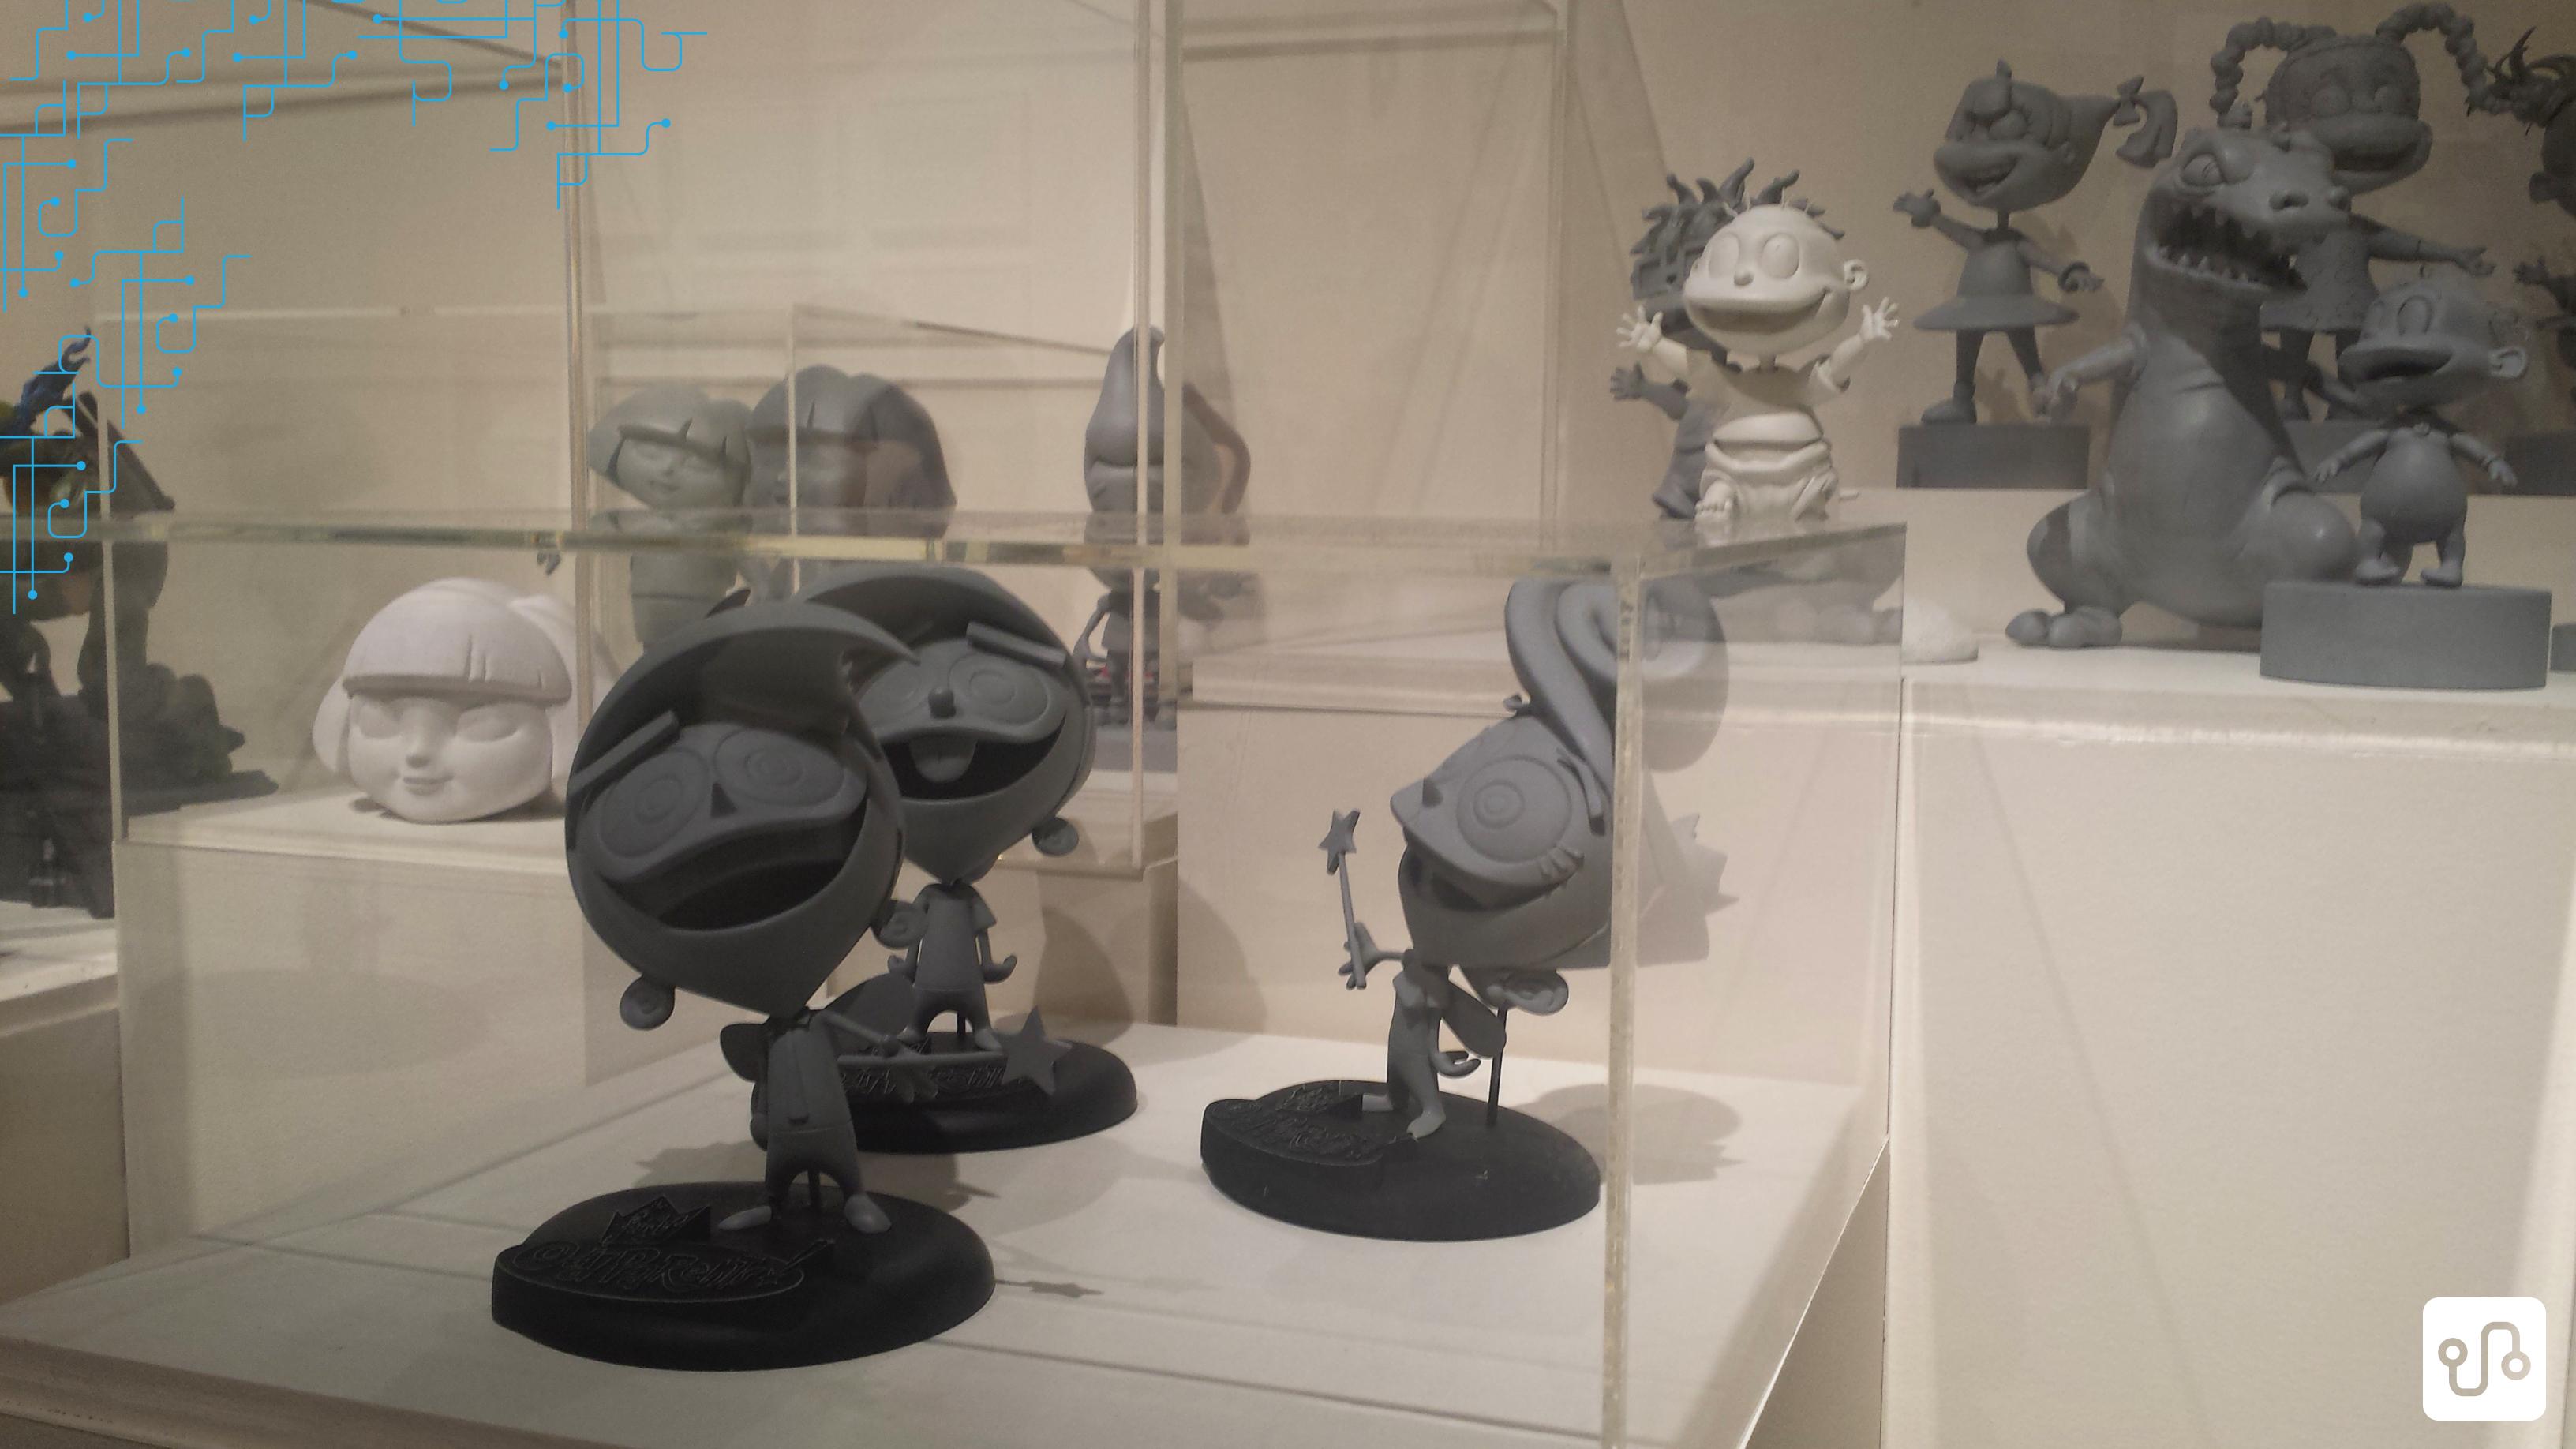 Exposição da Nickelodeon, hospedada pela galeria de arte do complexo de Visual Arts na CSUF